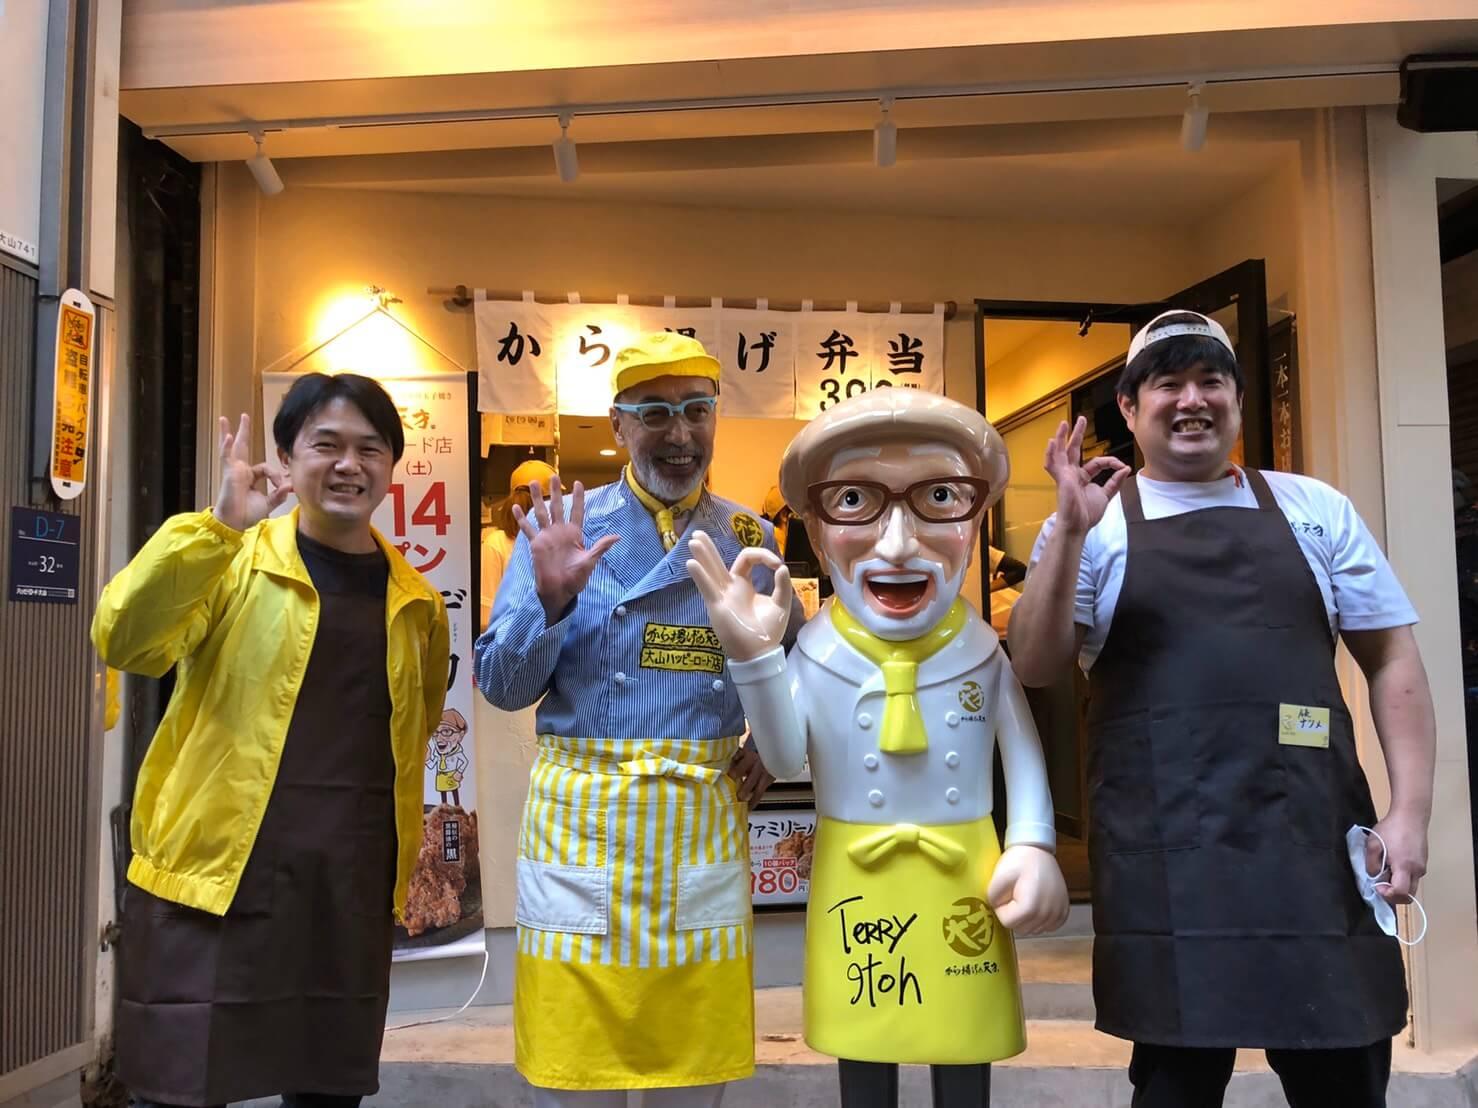 大山ハッピーロード店